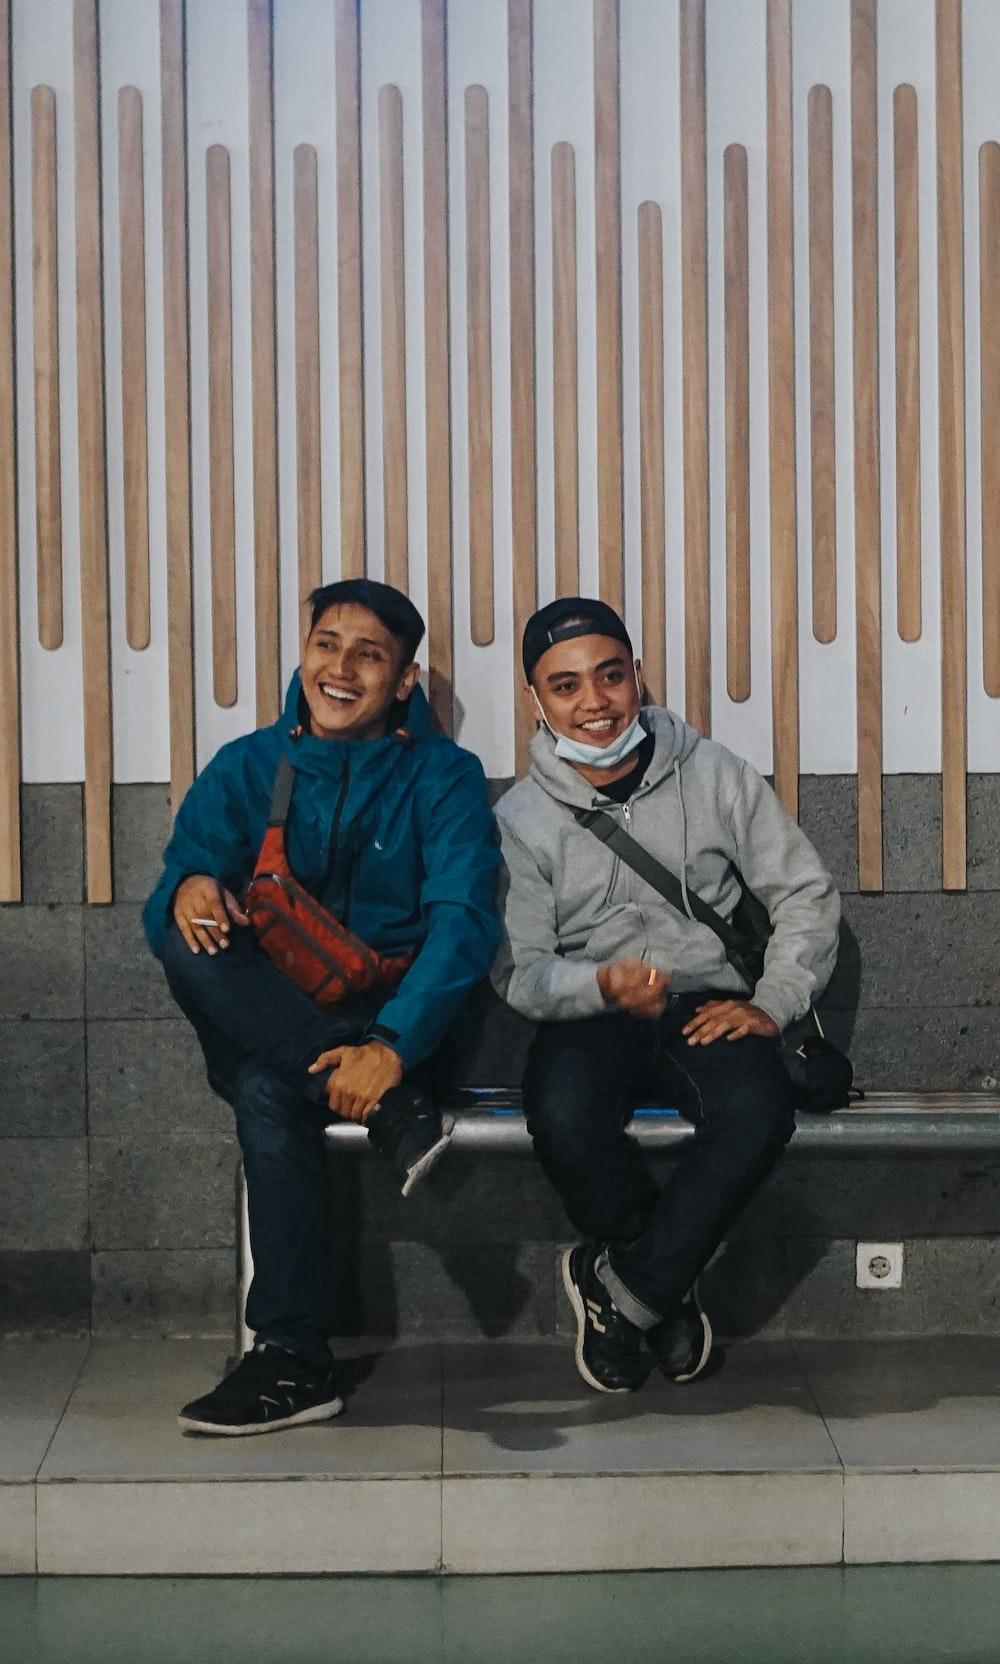 man in blue jacket sitting beside woman in gray jacket